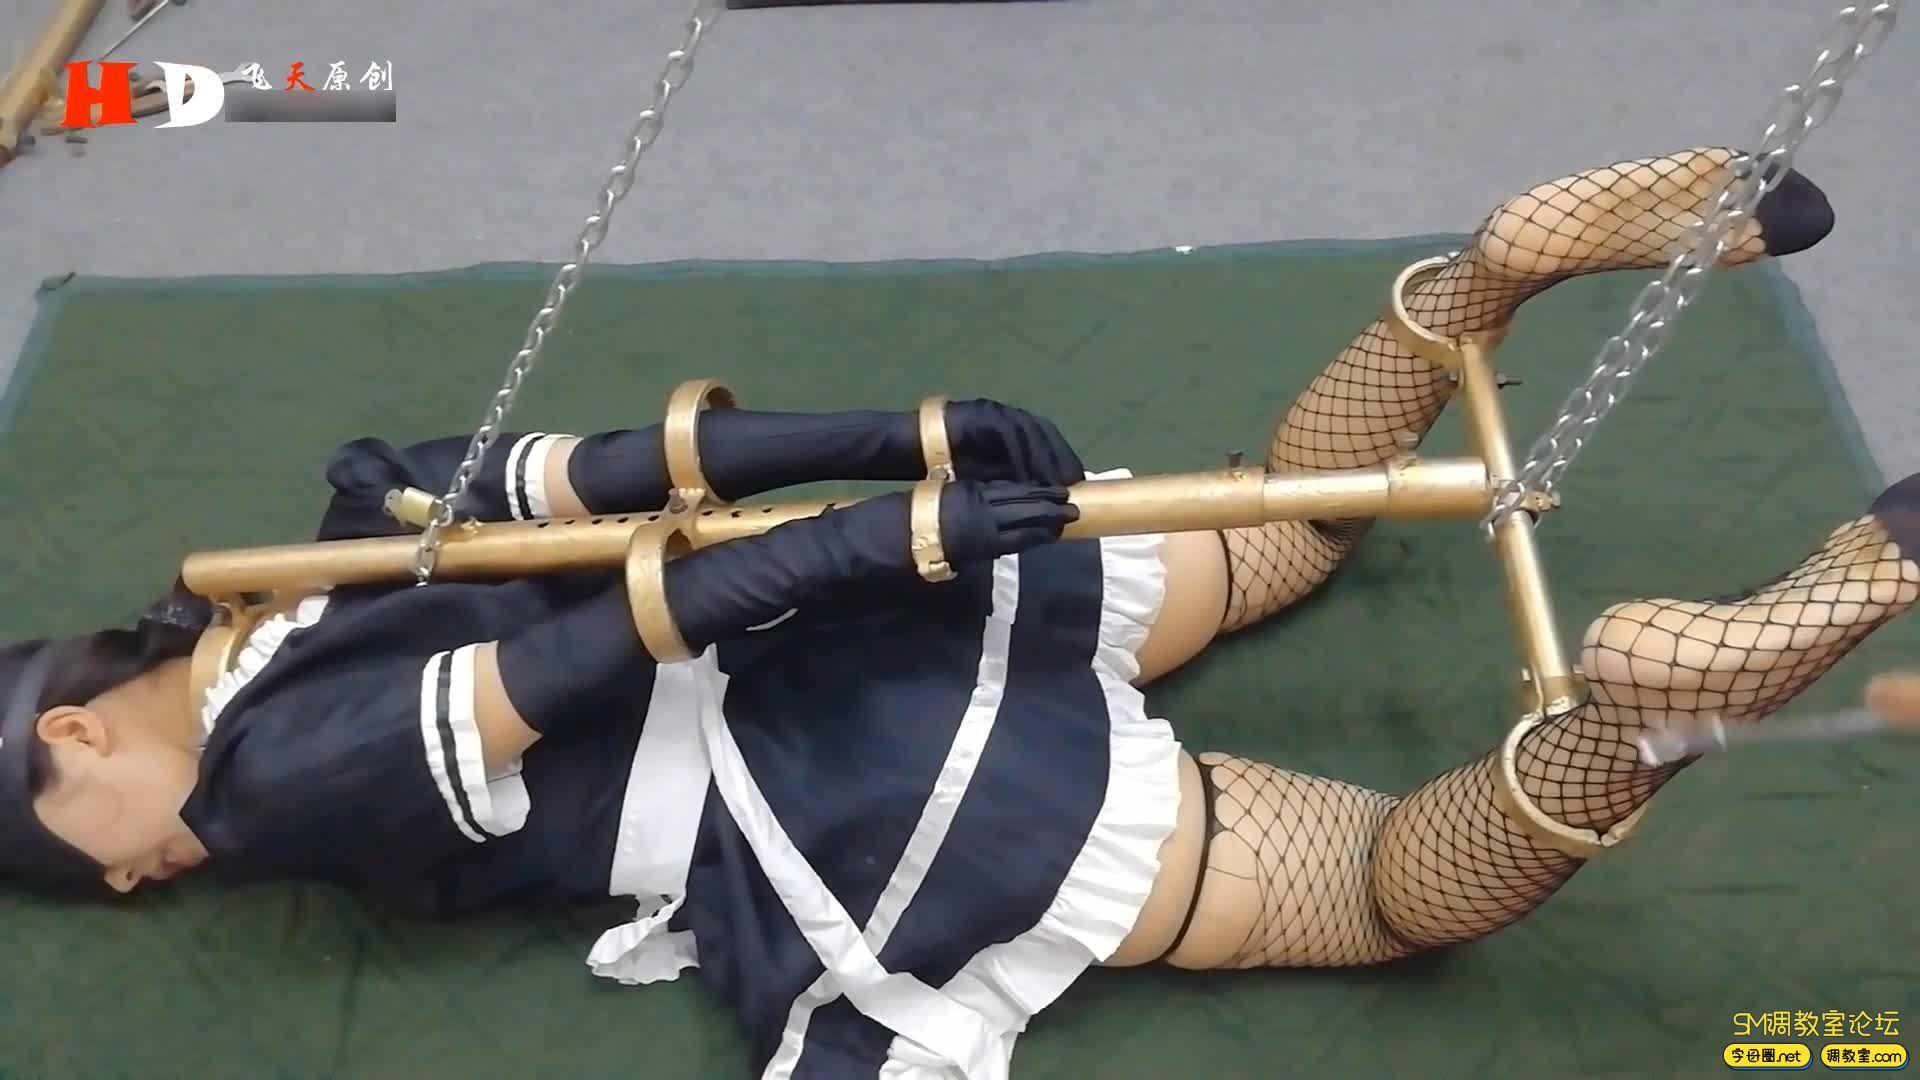 飞天原创_丁奇女仆装被囚铁笼 驷马架 K9金属架固定-视频截图1